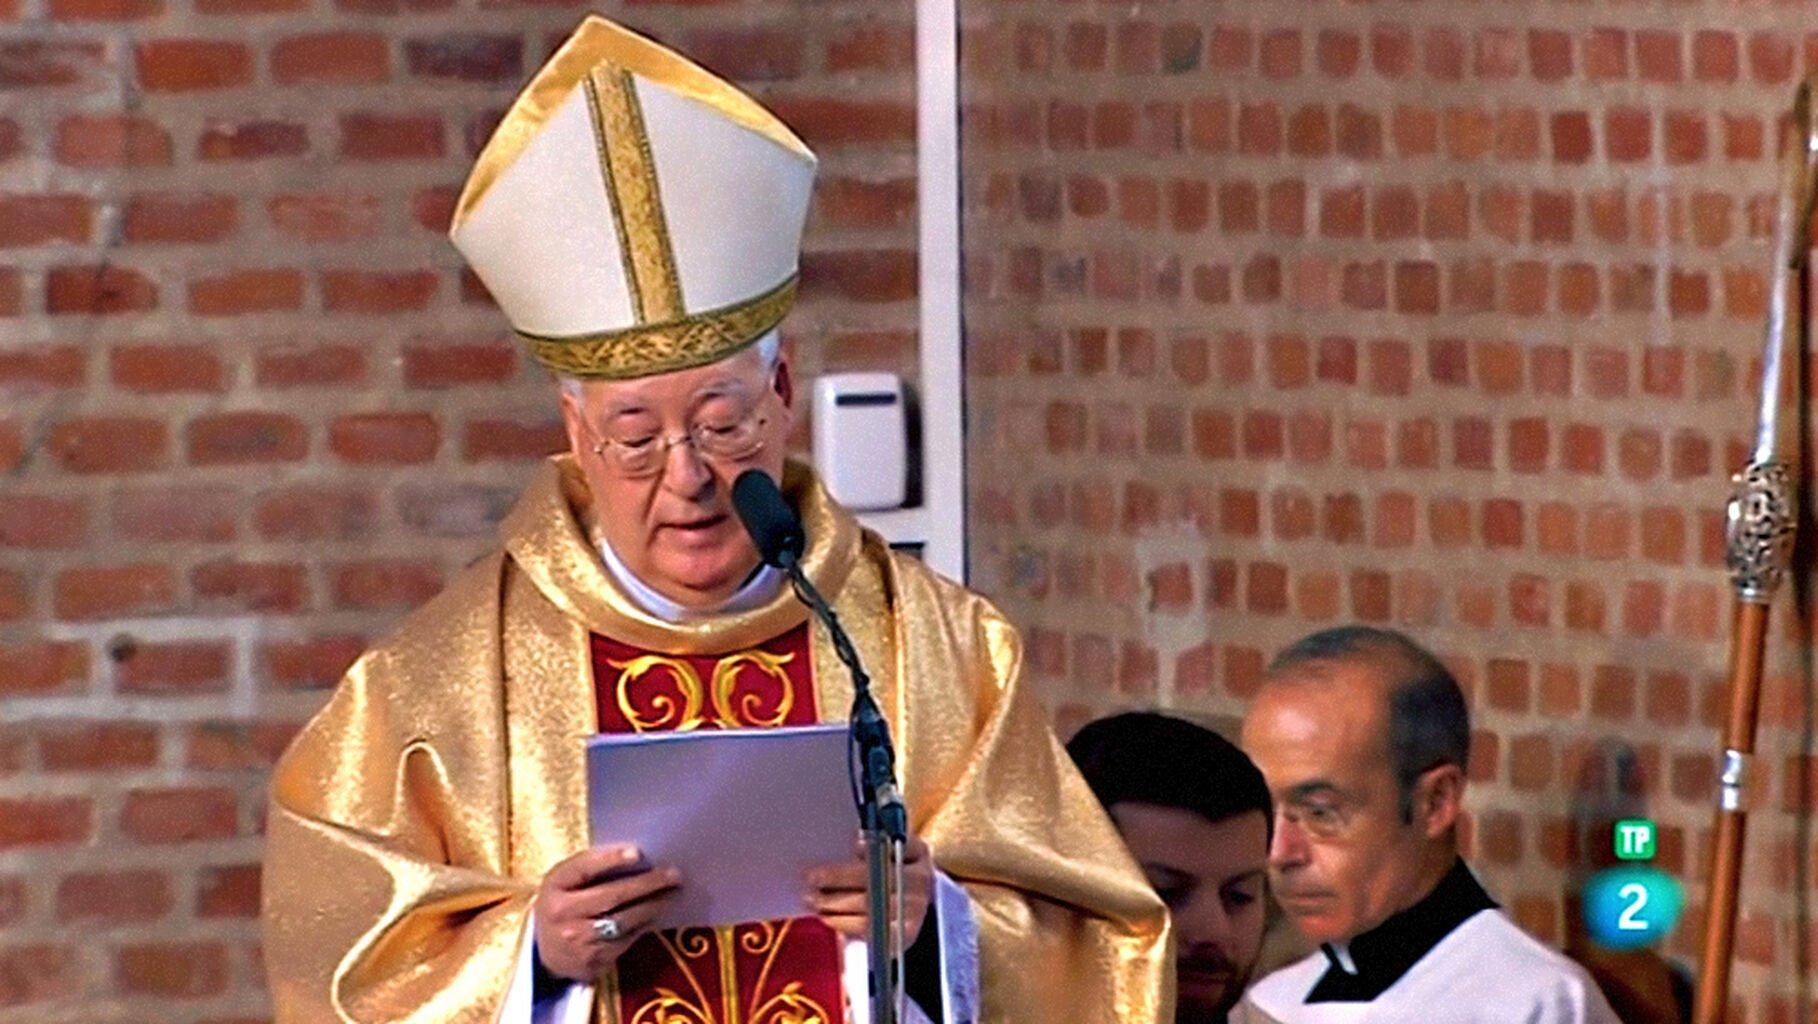 Obispo Reig Pla